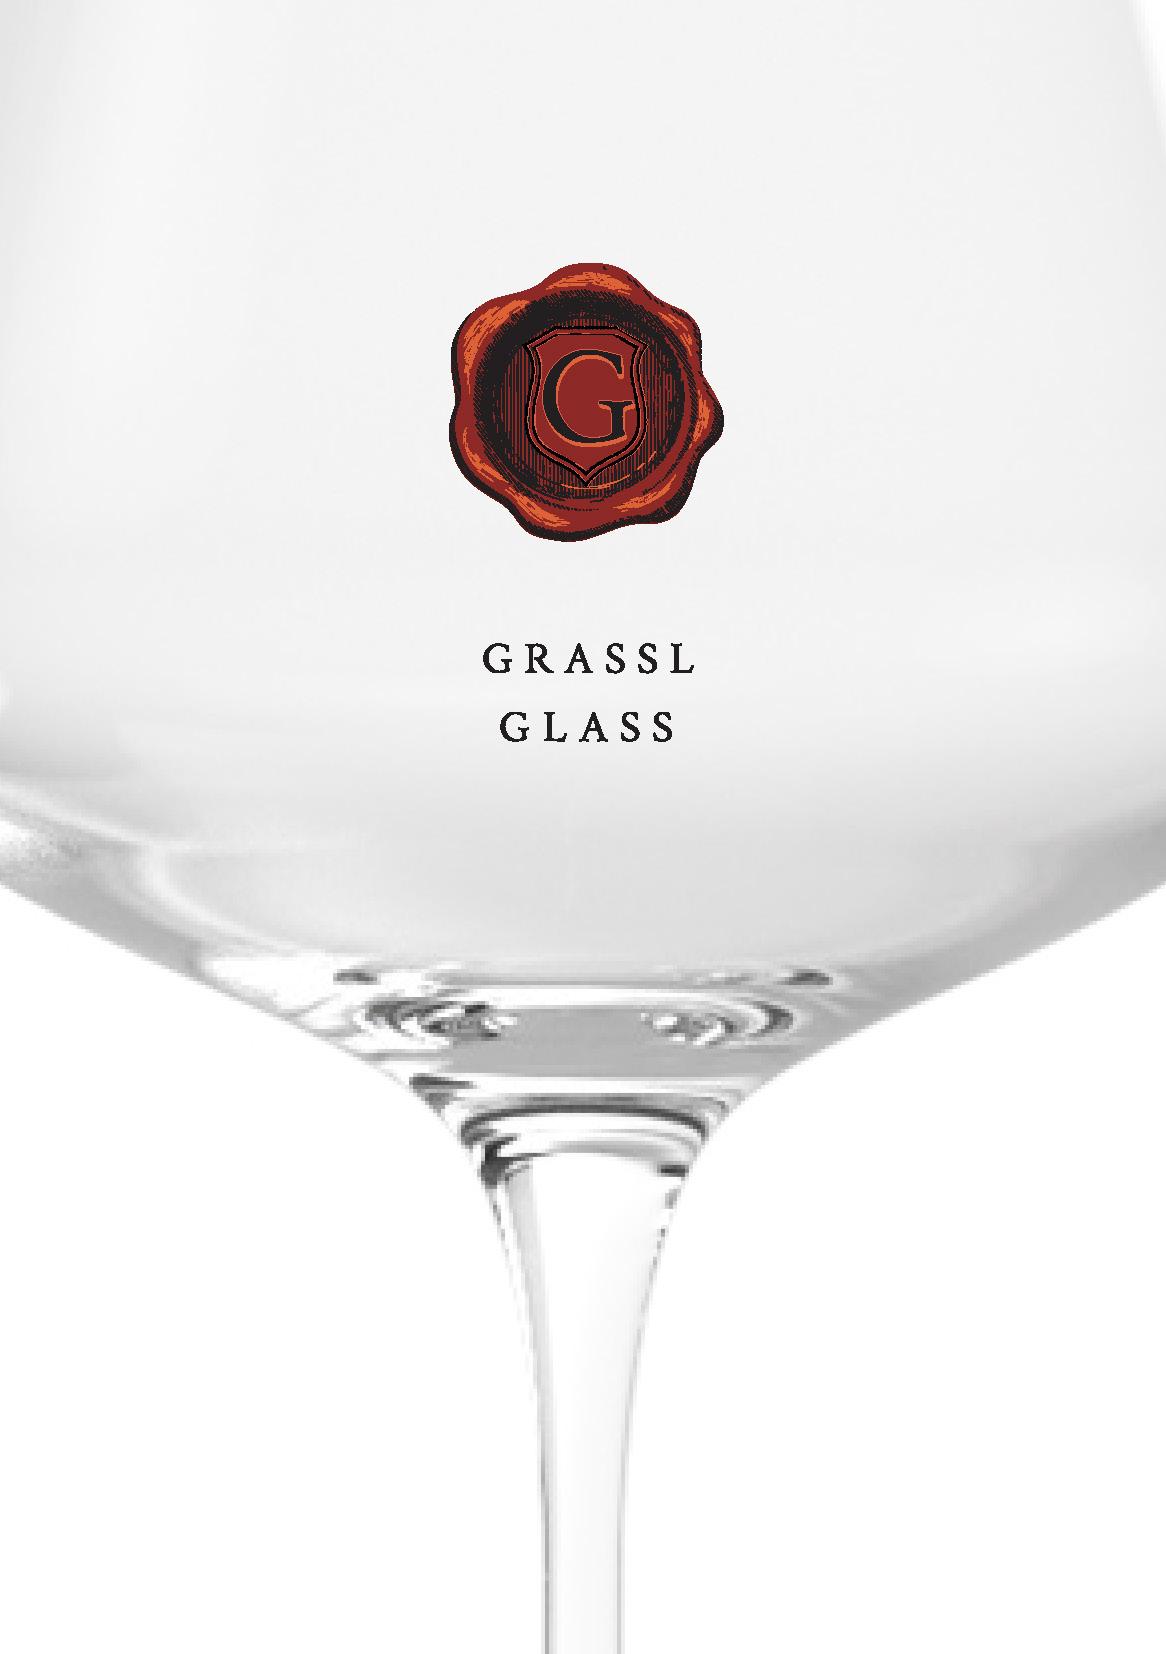 Distributeur officiel des verres Grassl